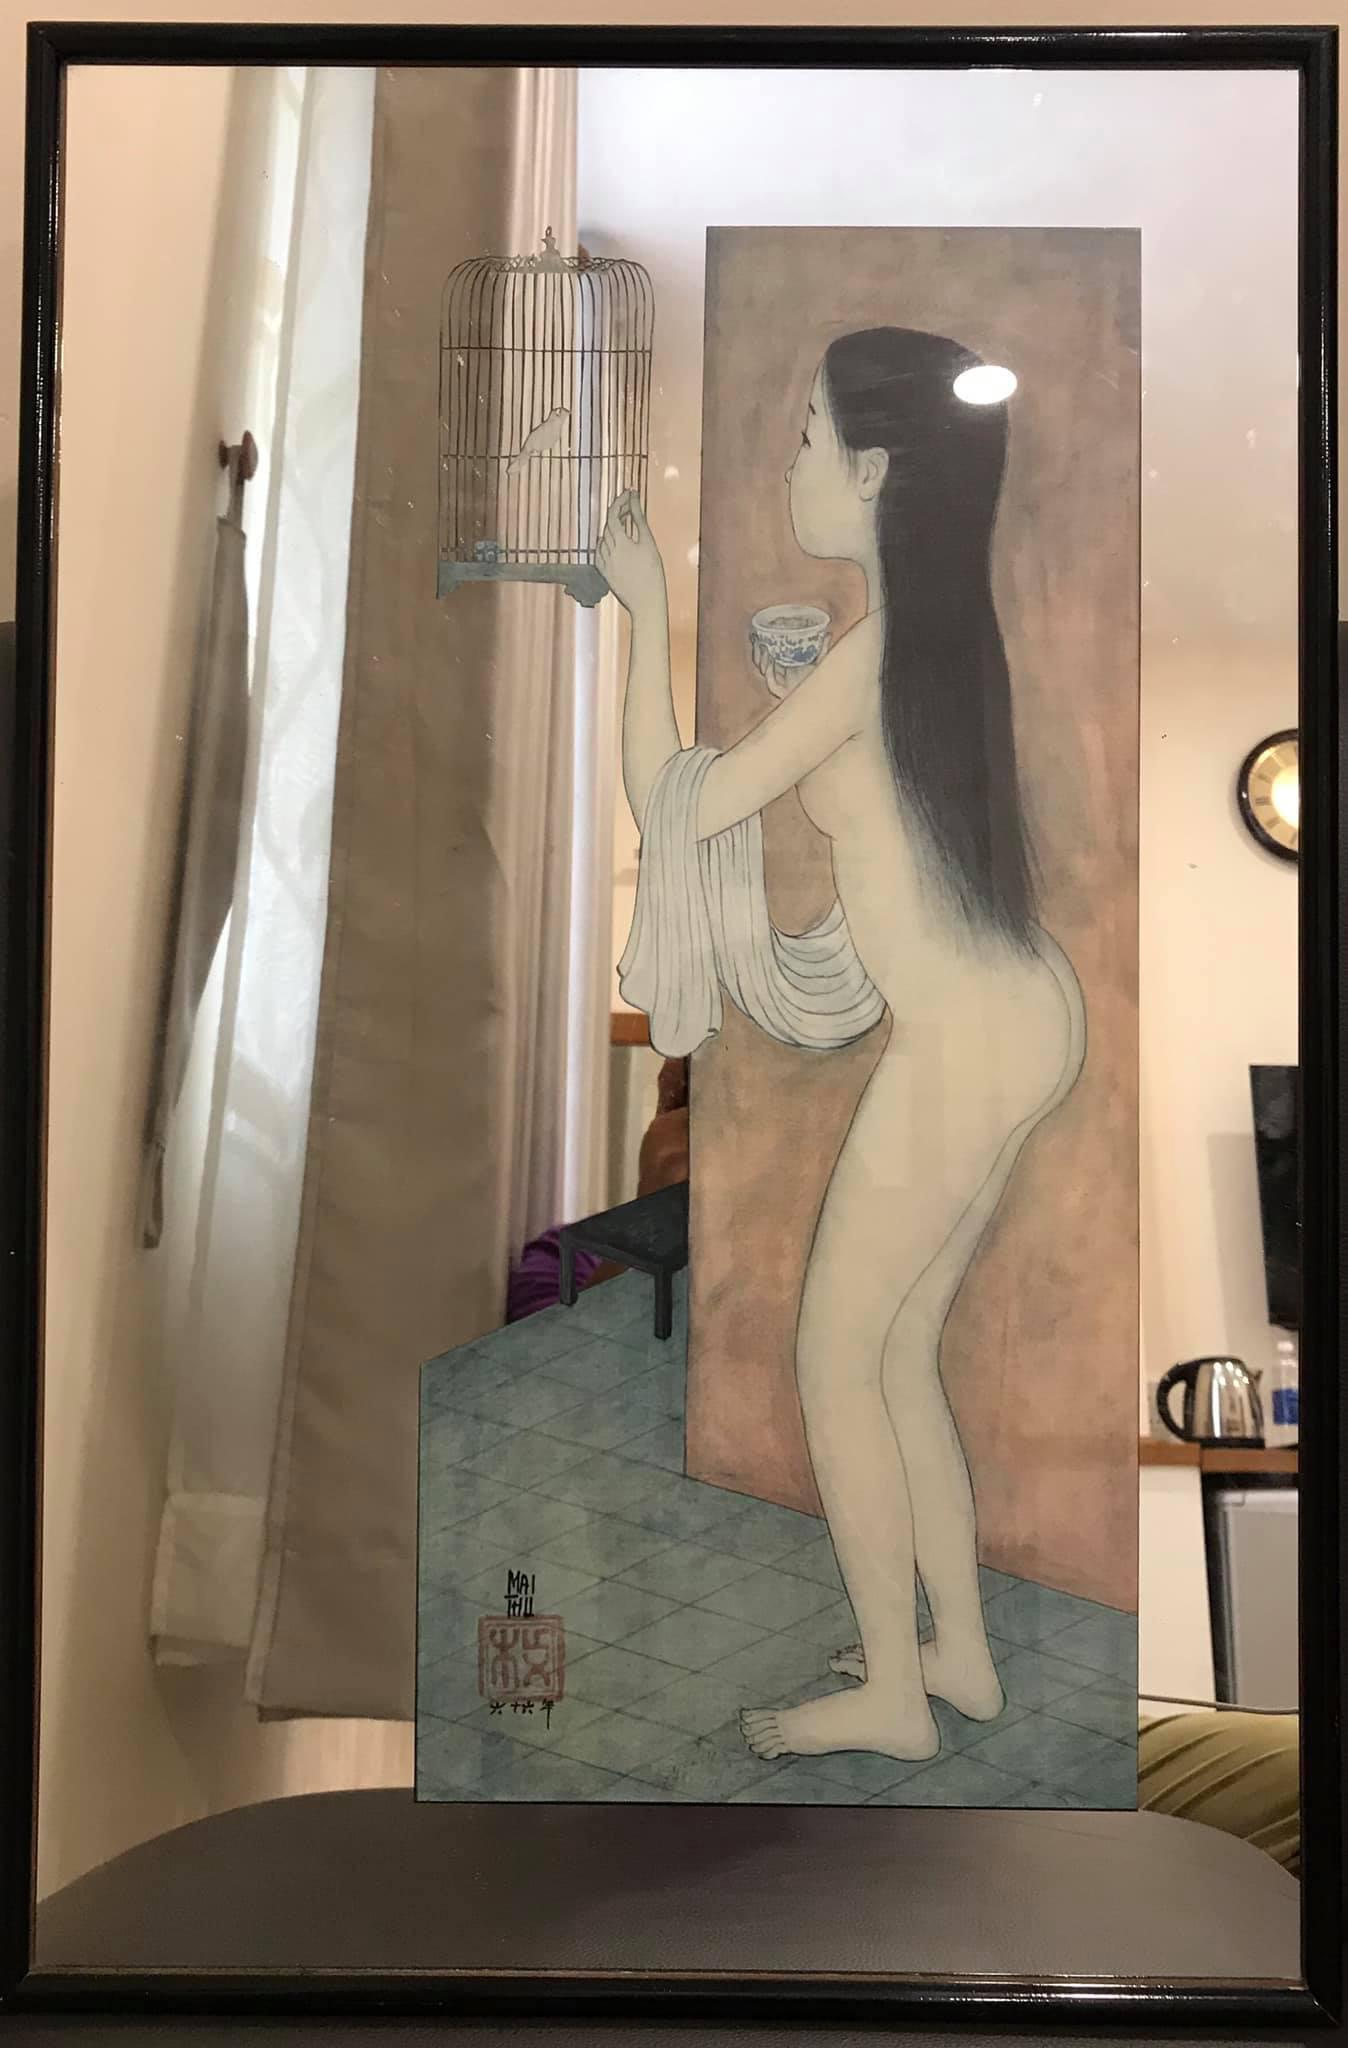 Tuấn cá sấu đau xót vì vỡ bức tranh gương duy nhất của họa sĩ Mai Trung Thứ  - Ảnh 2.